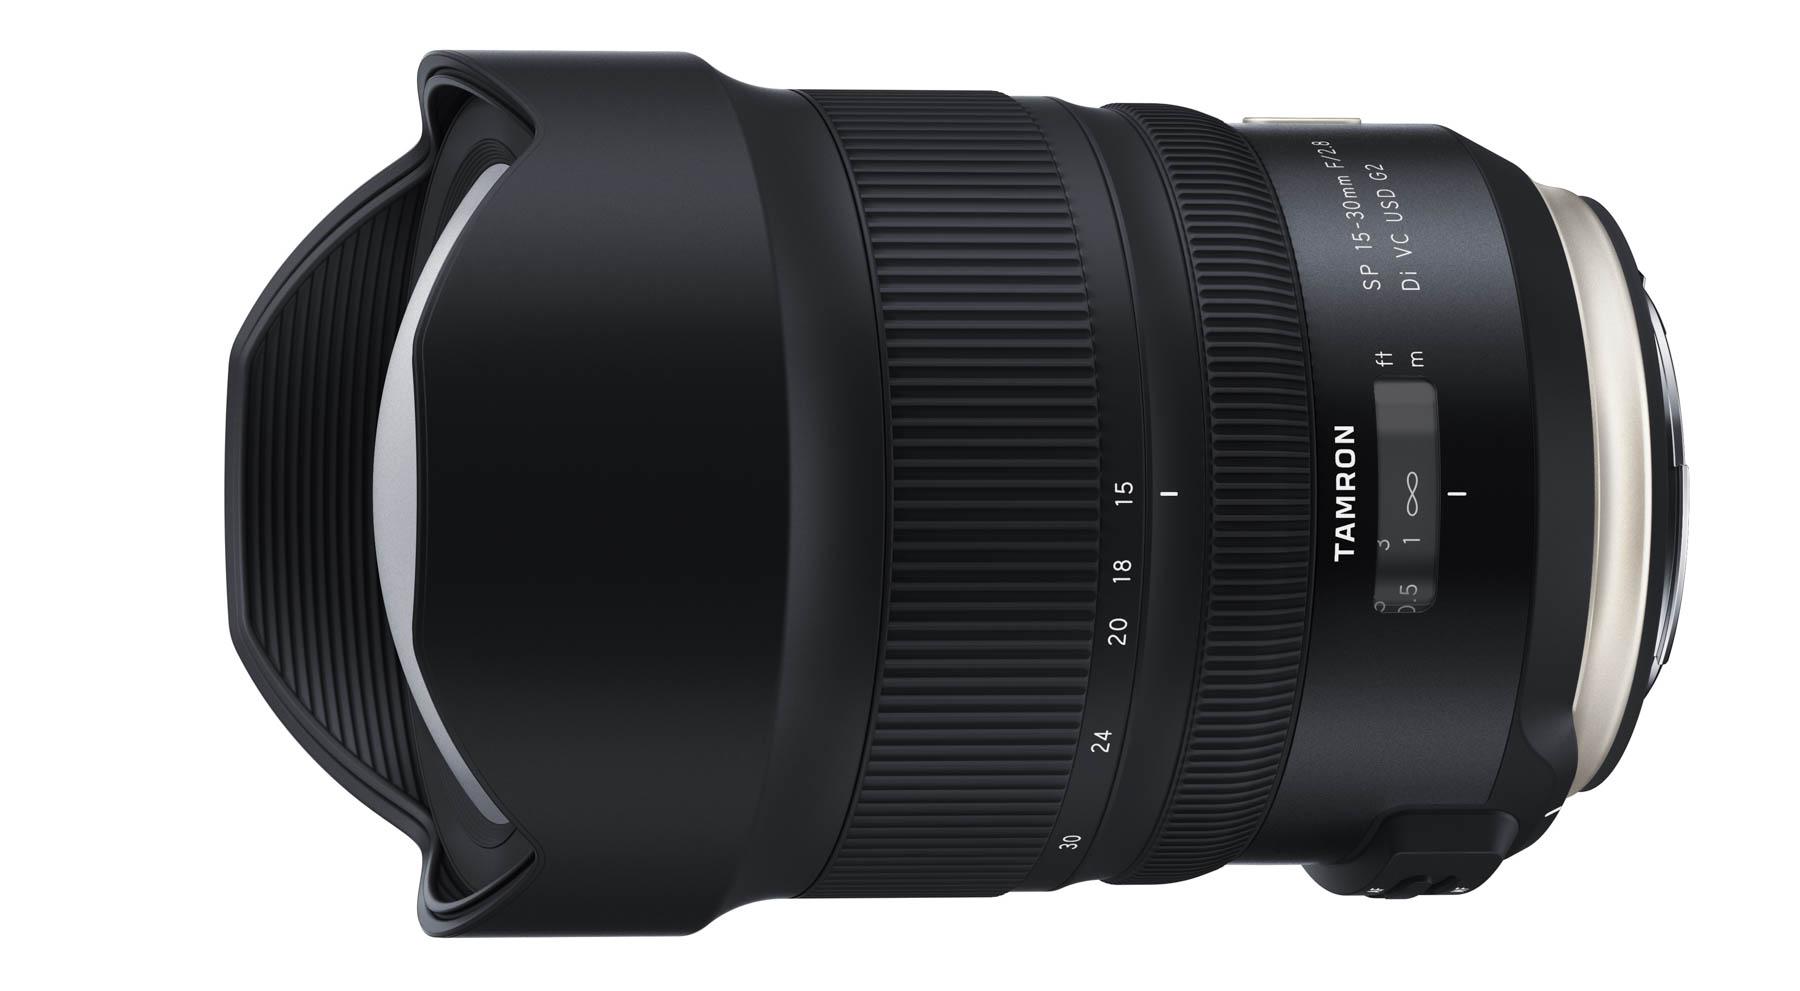 Nueva versión del Tamron 15-30mm f/2,8 Di VC USD